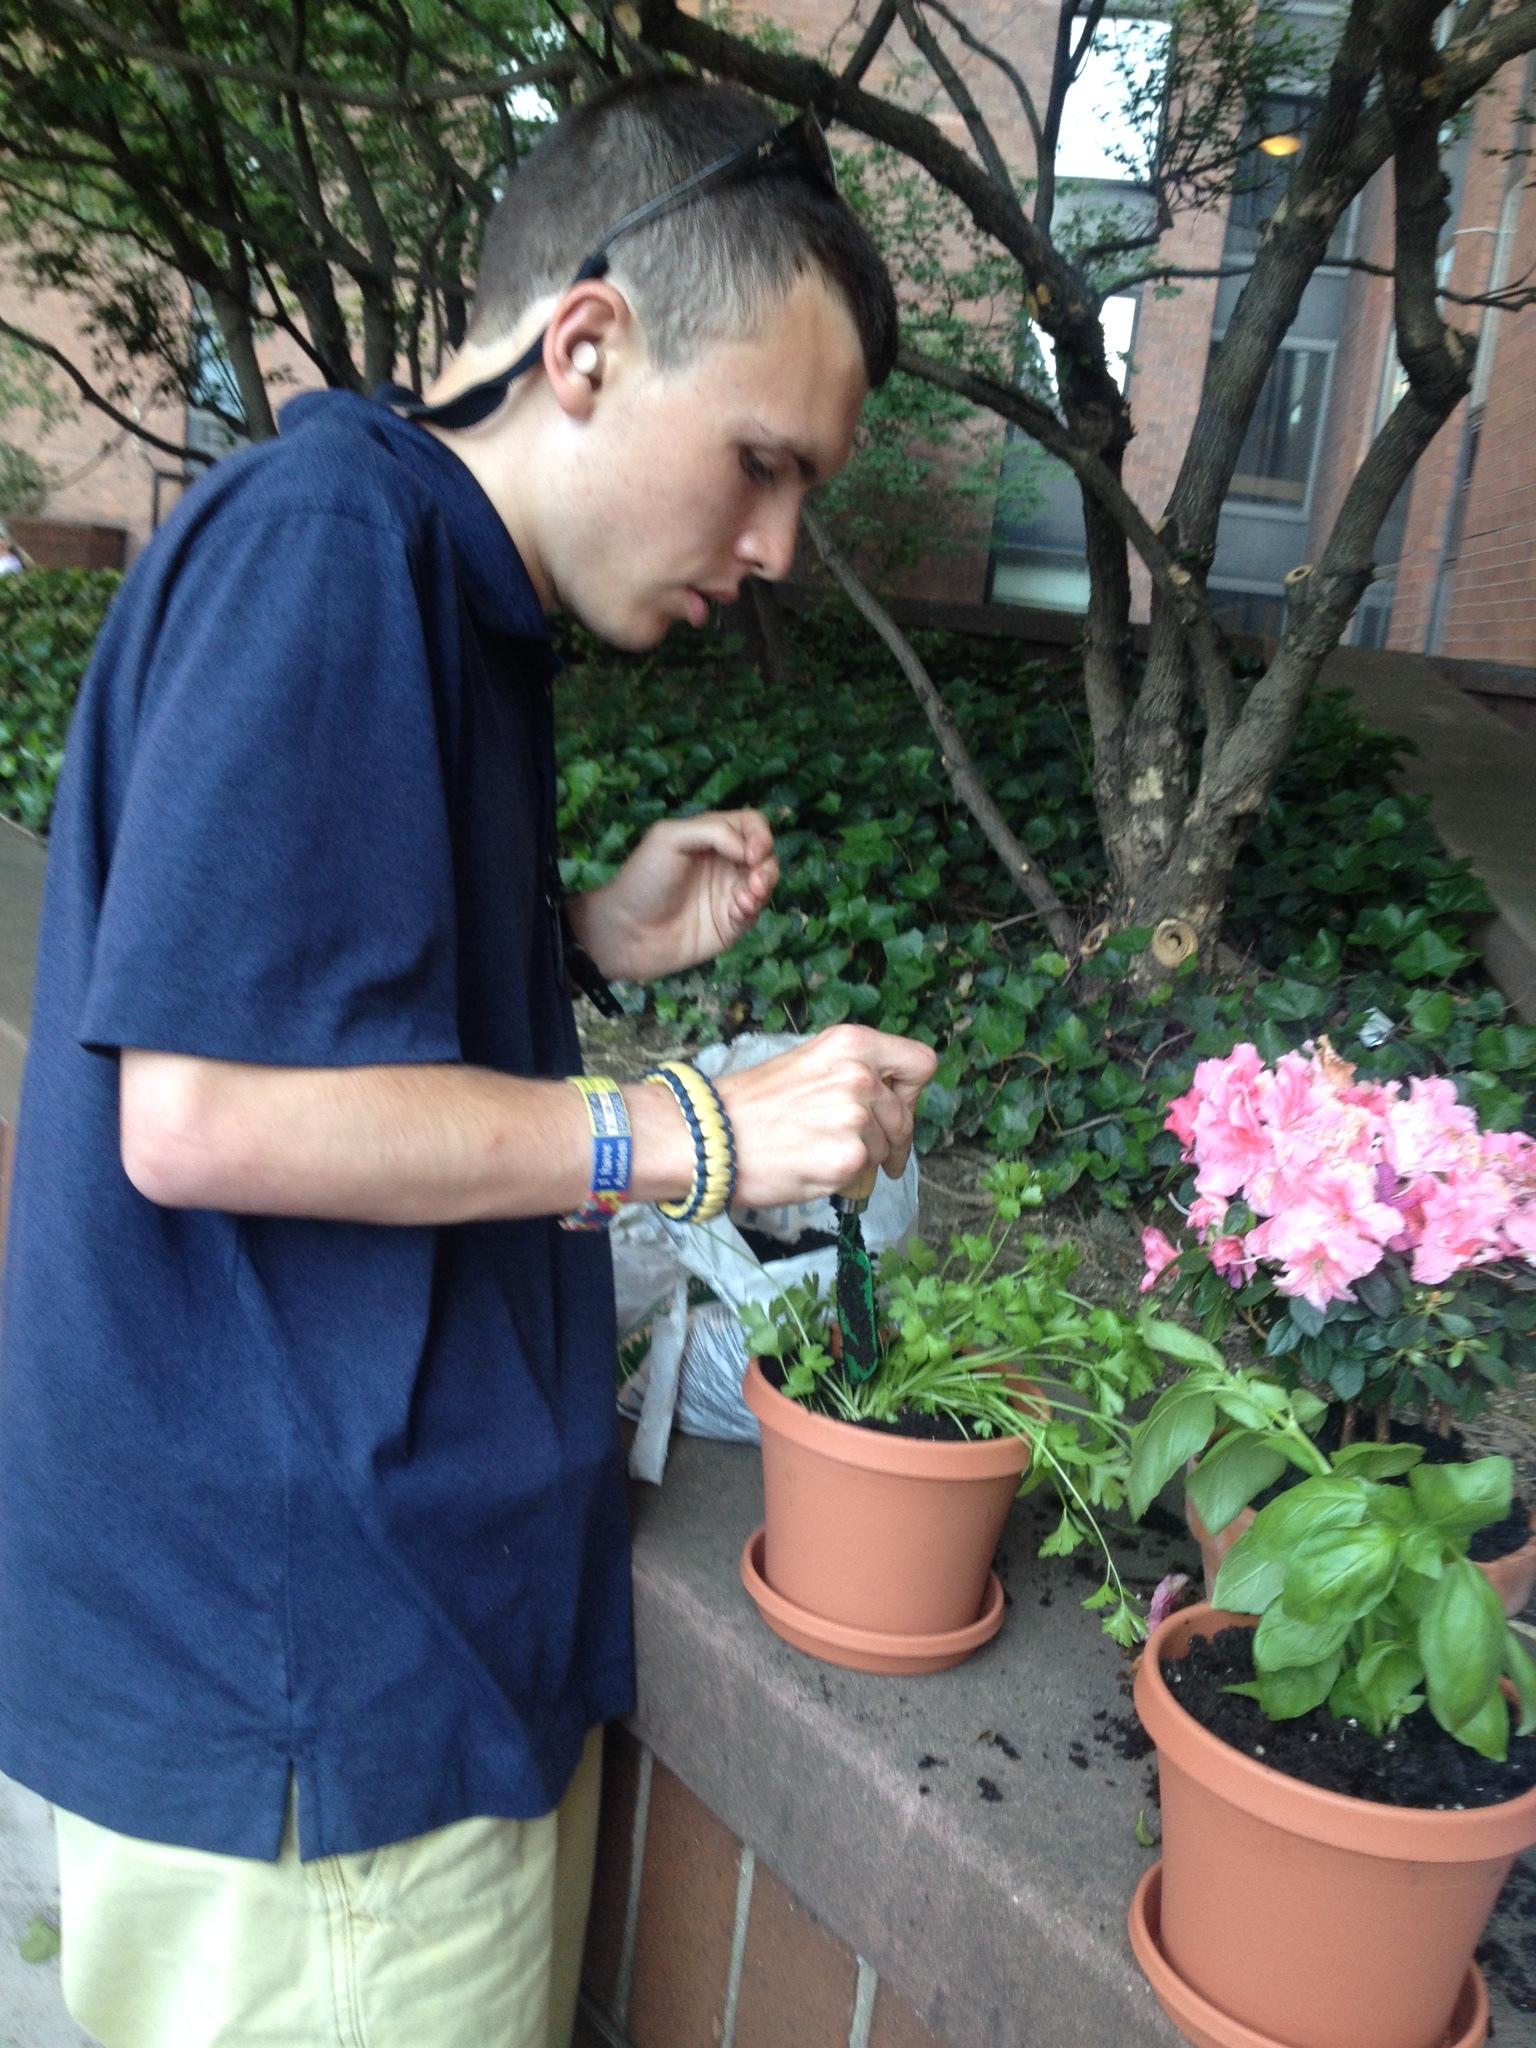 Dustin Sweeney gardening on 91st Street in Manhattan